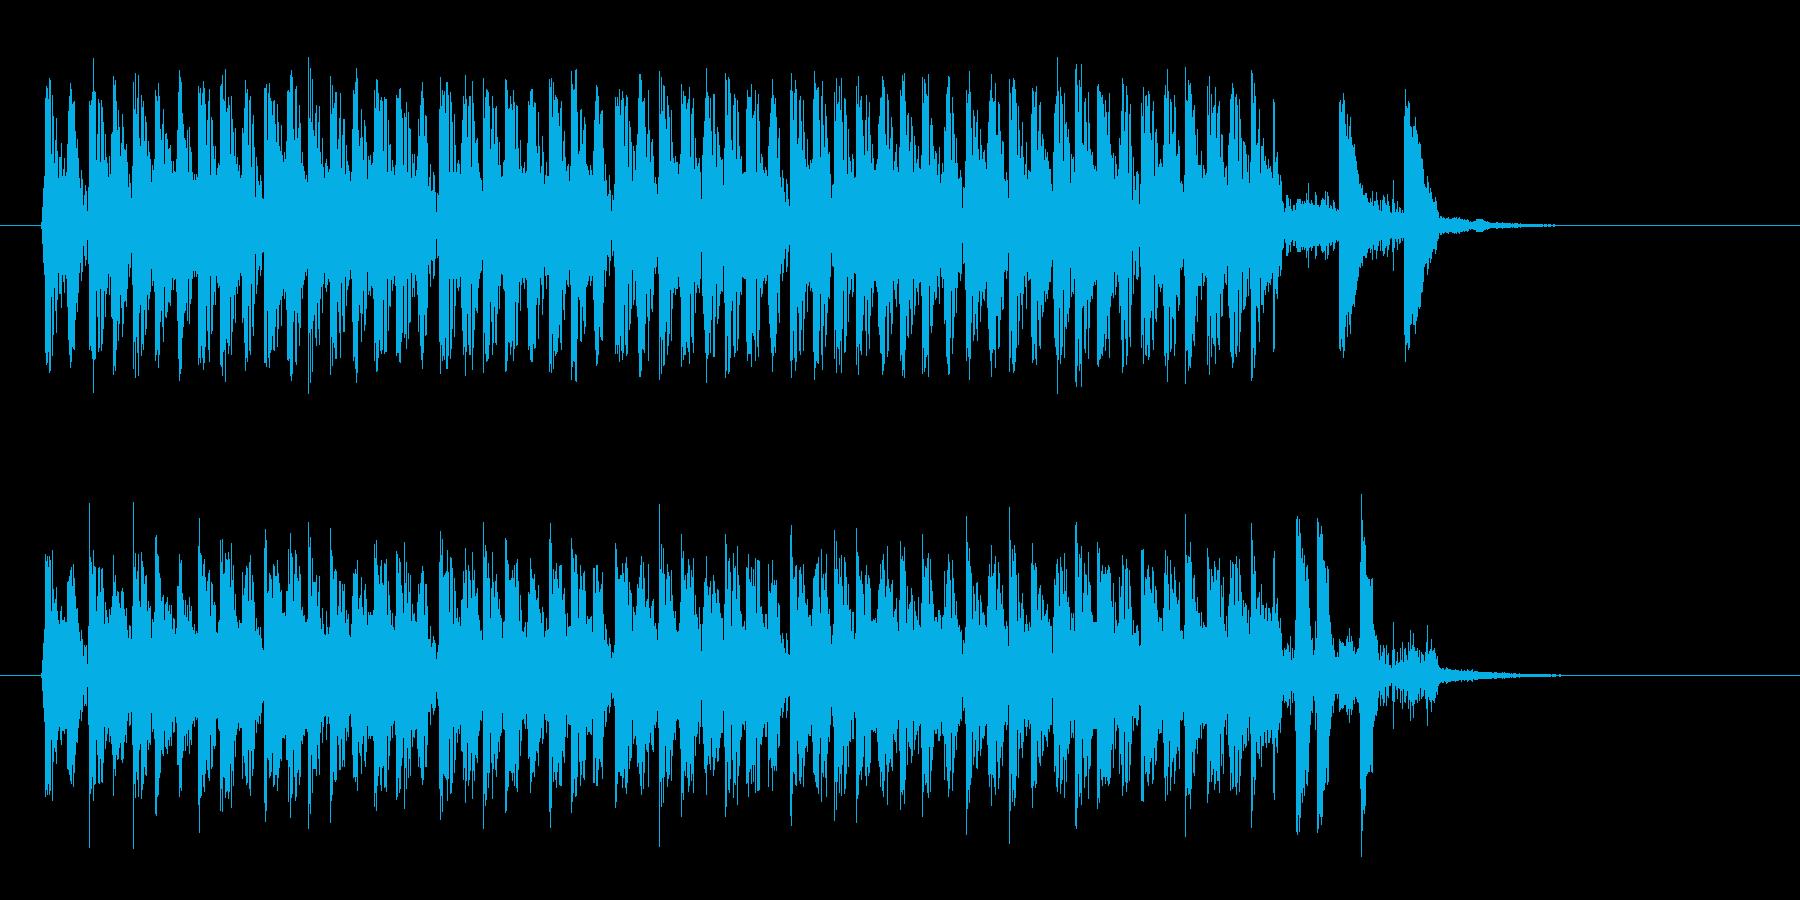 メカニックで硬質テクノサウンドの再生済みの波形